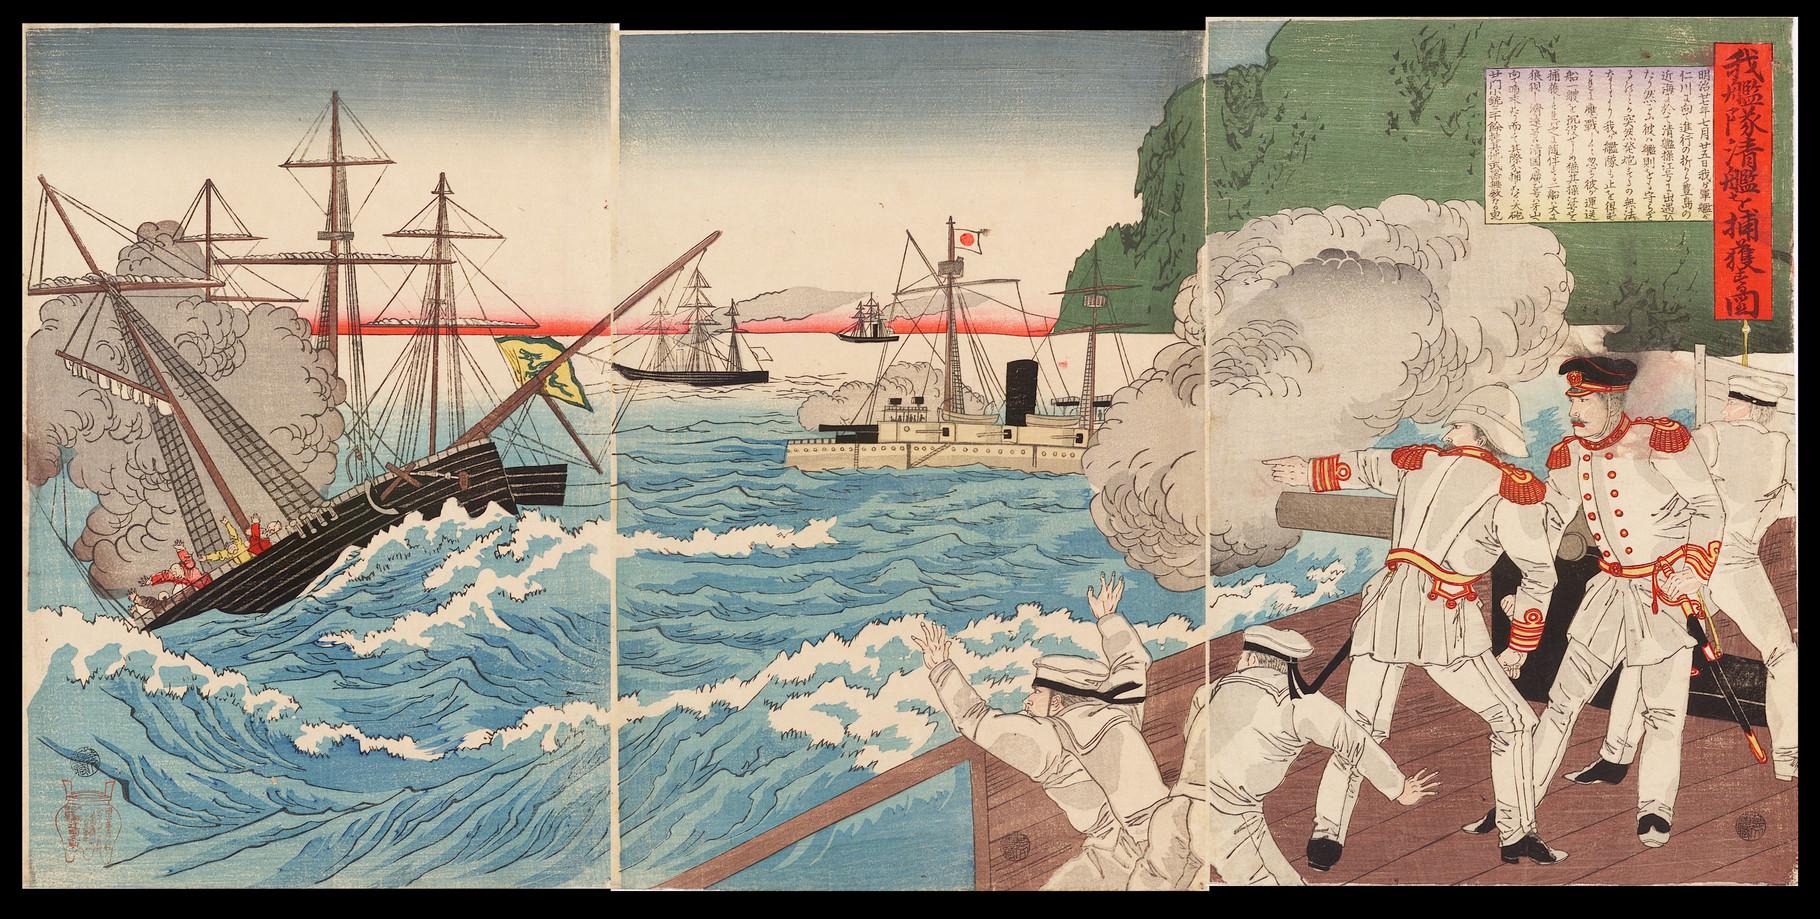 静岡県立中央図書館所蔵作品